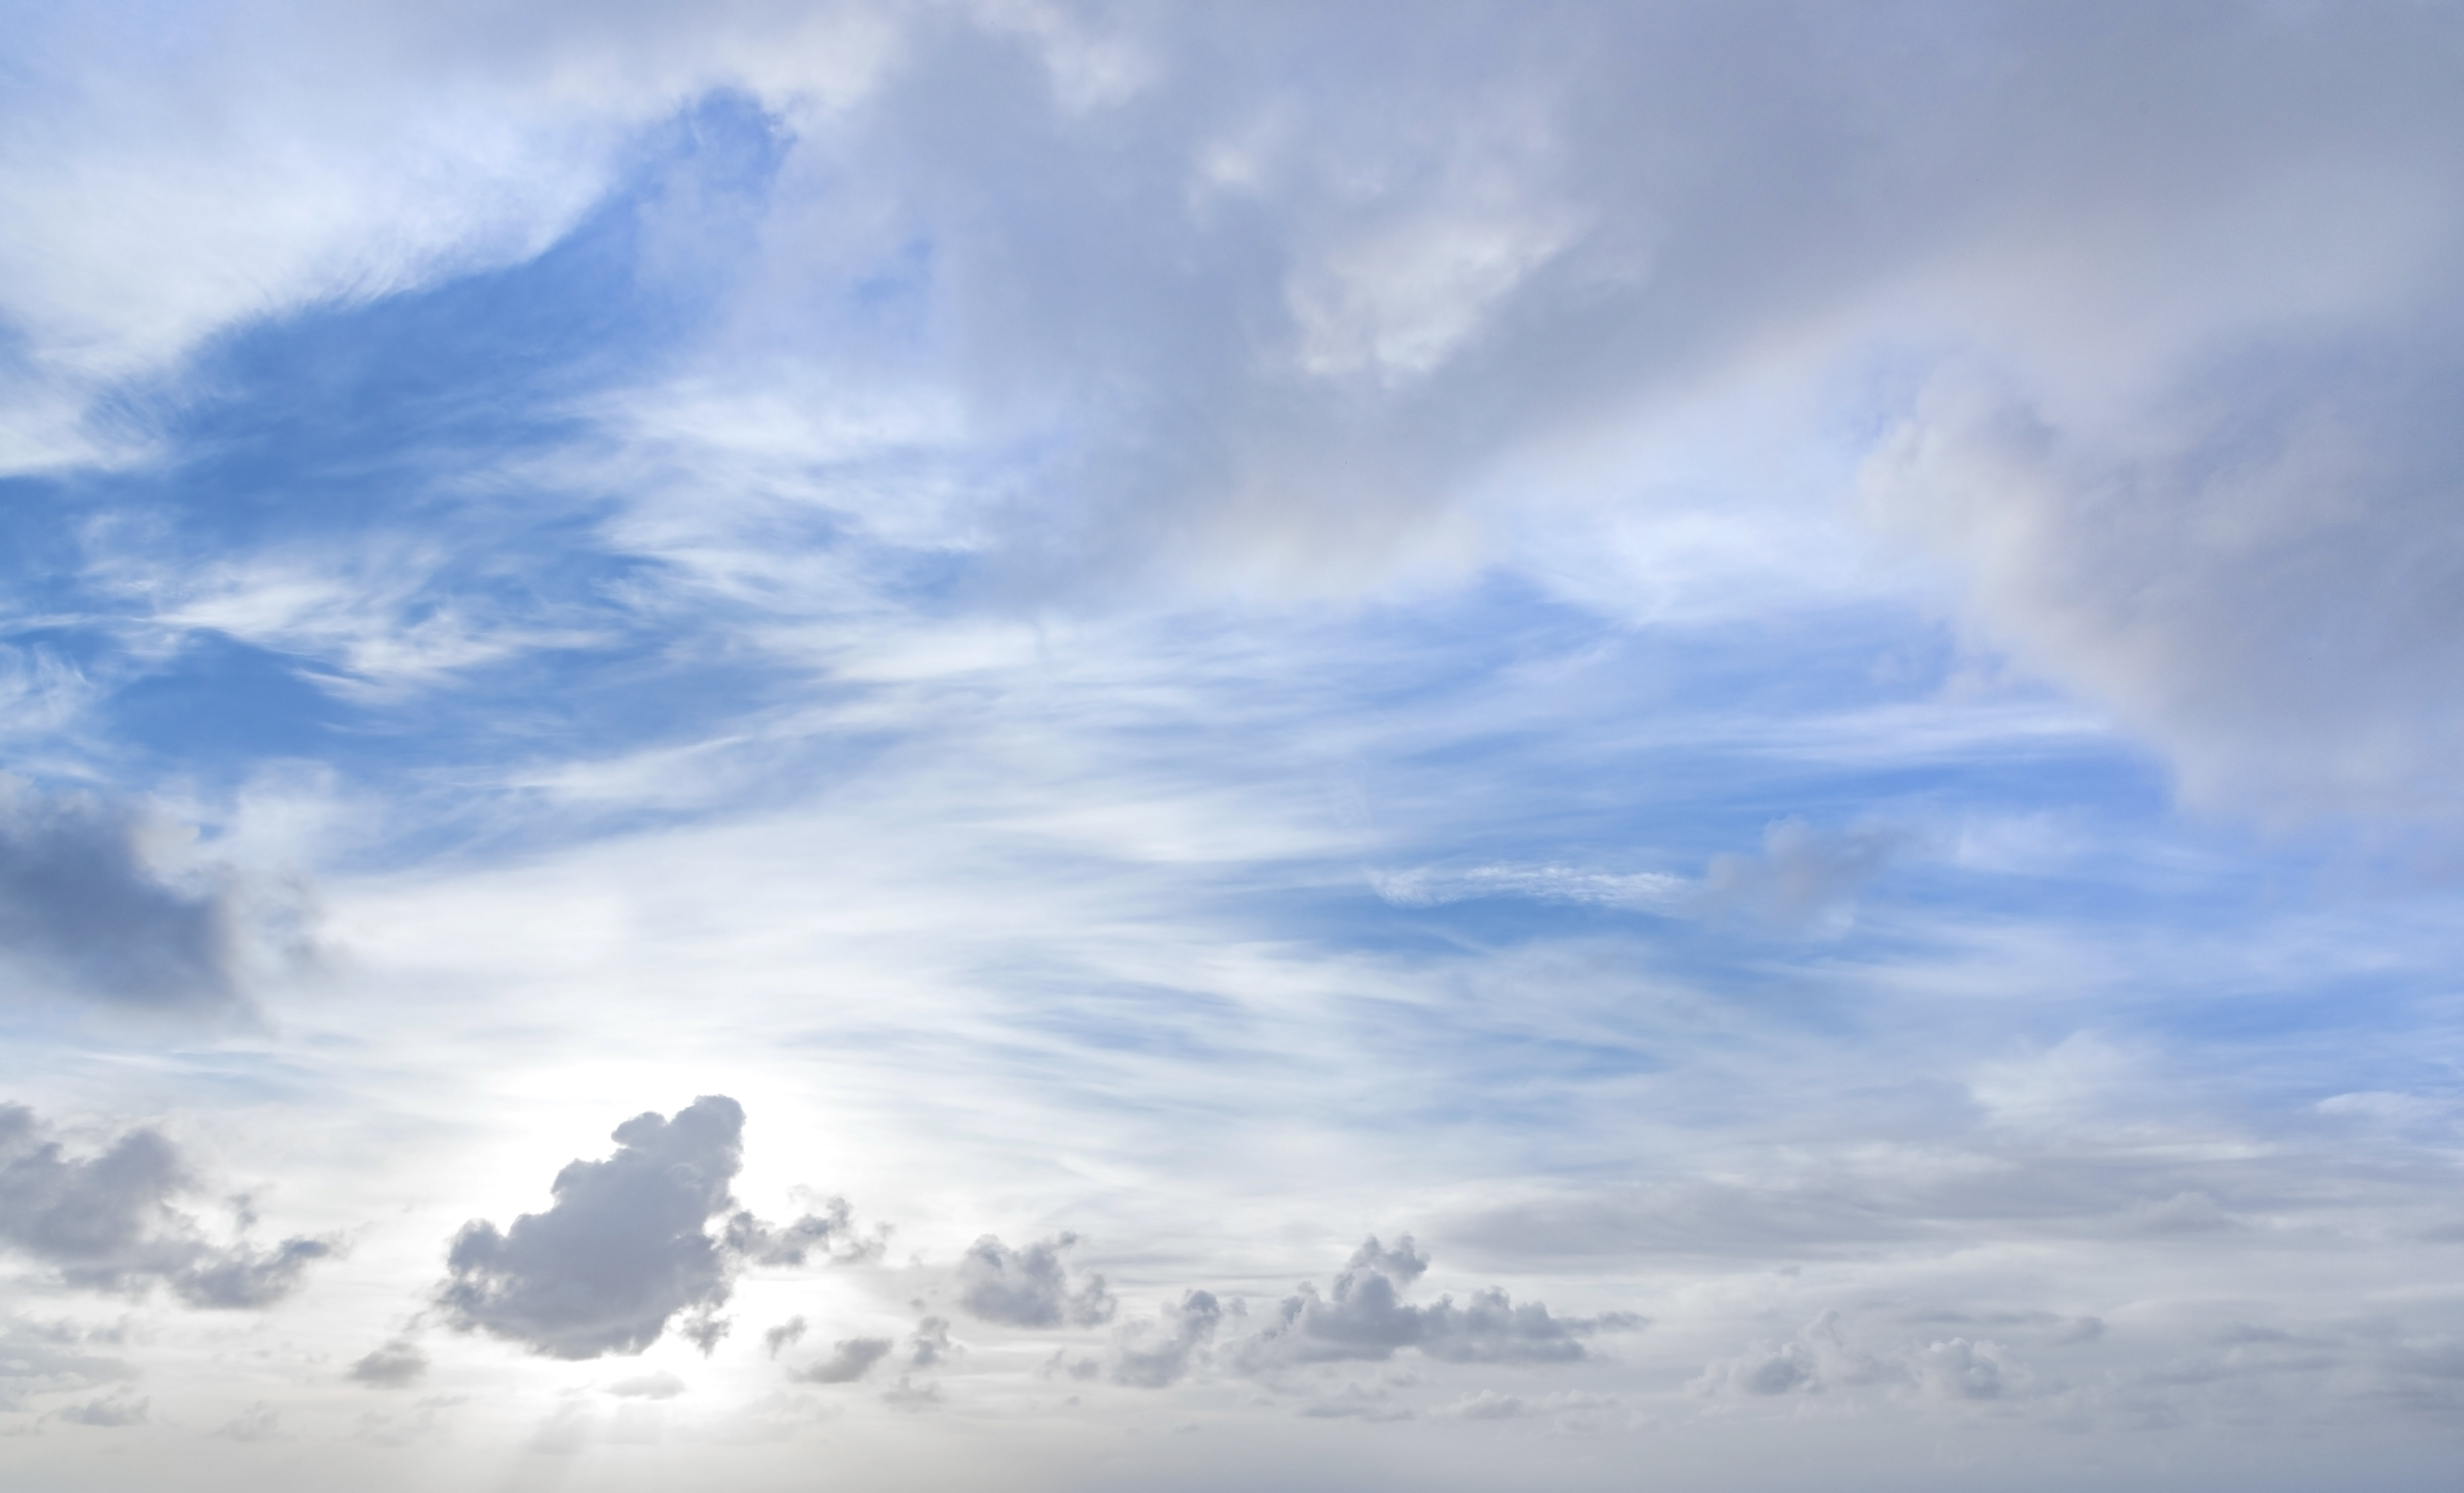 atmosfer, bulut görünümü, bulutlar, doğa içeren Ücretsiz stok fotoğraf